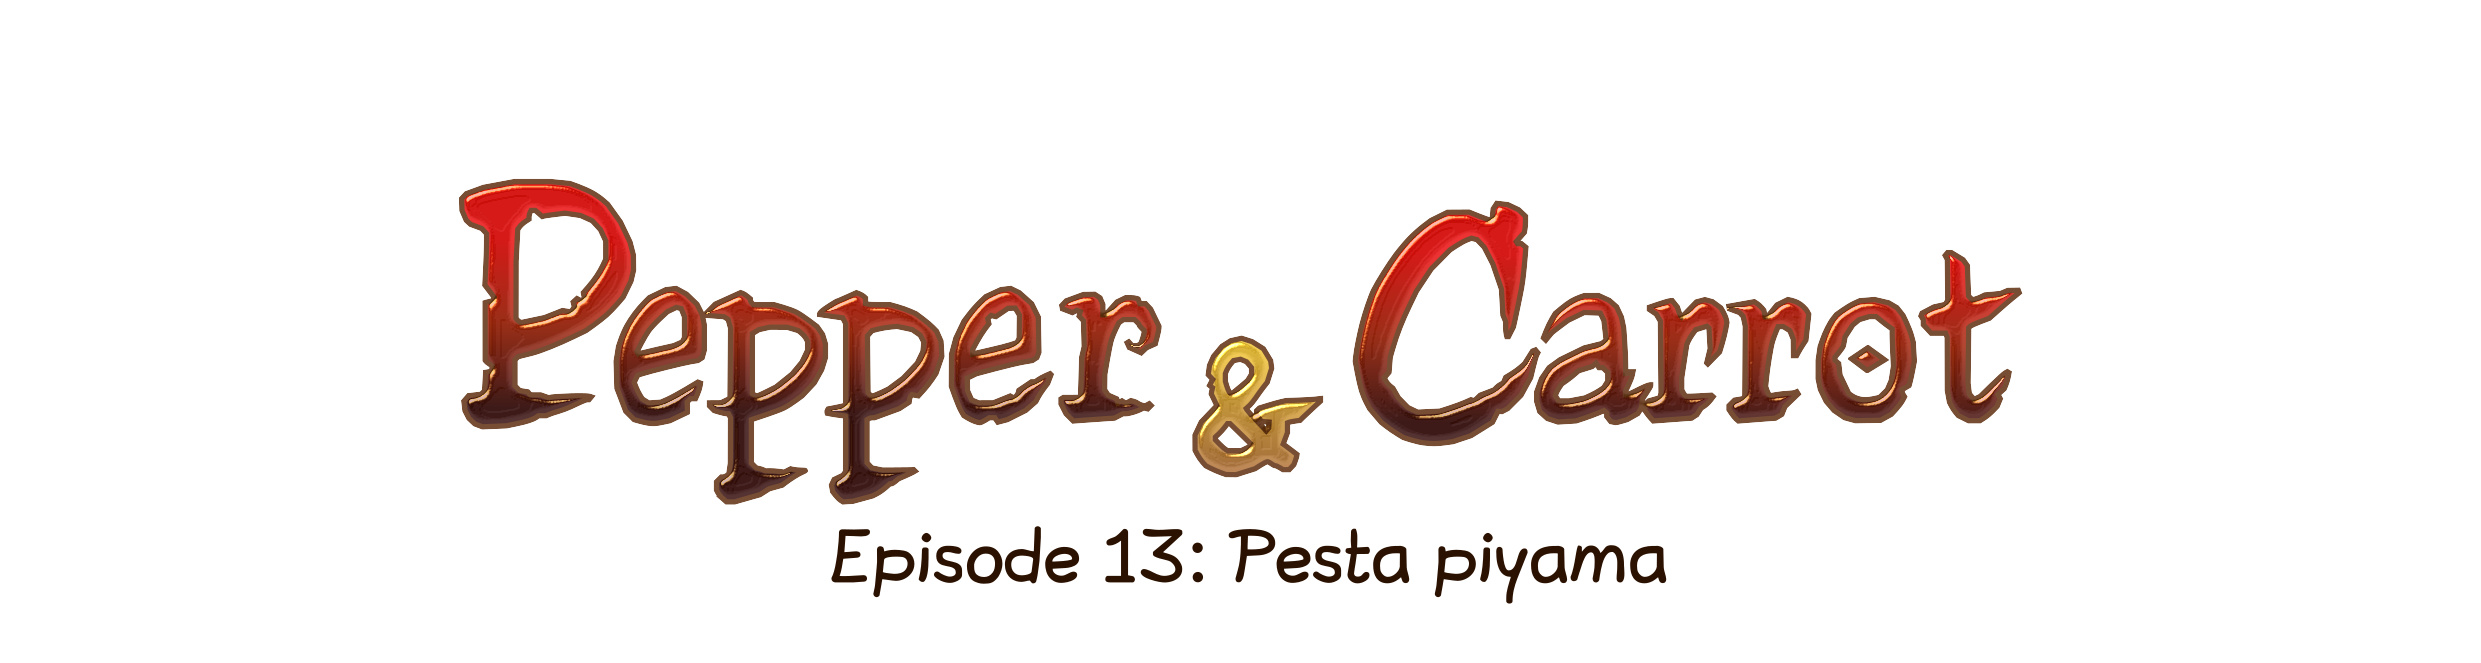 Episode 13: Pesta piyama